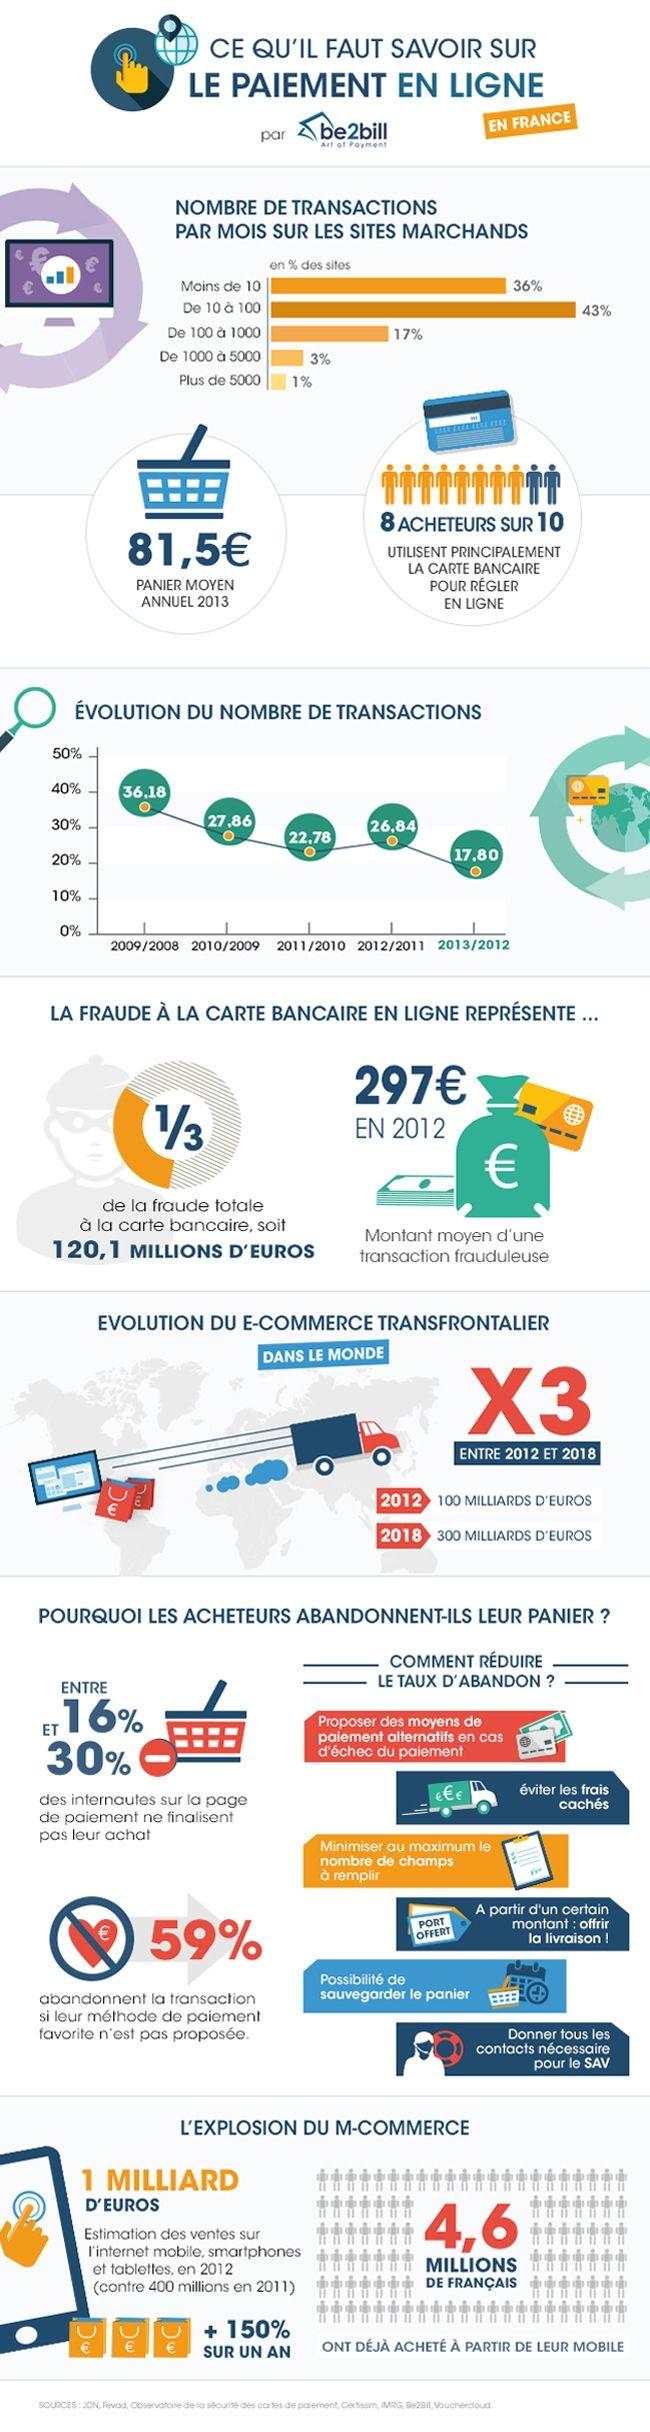 Infographie   Ce qu'il faut savoir sur le paiement en ligne